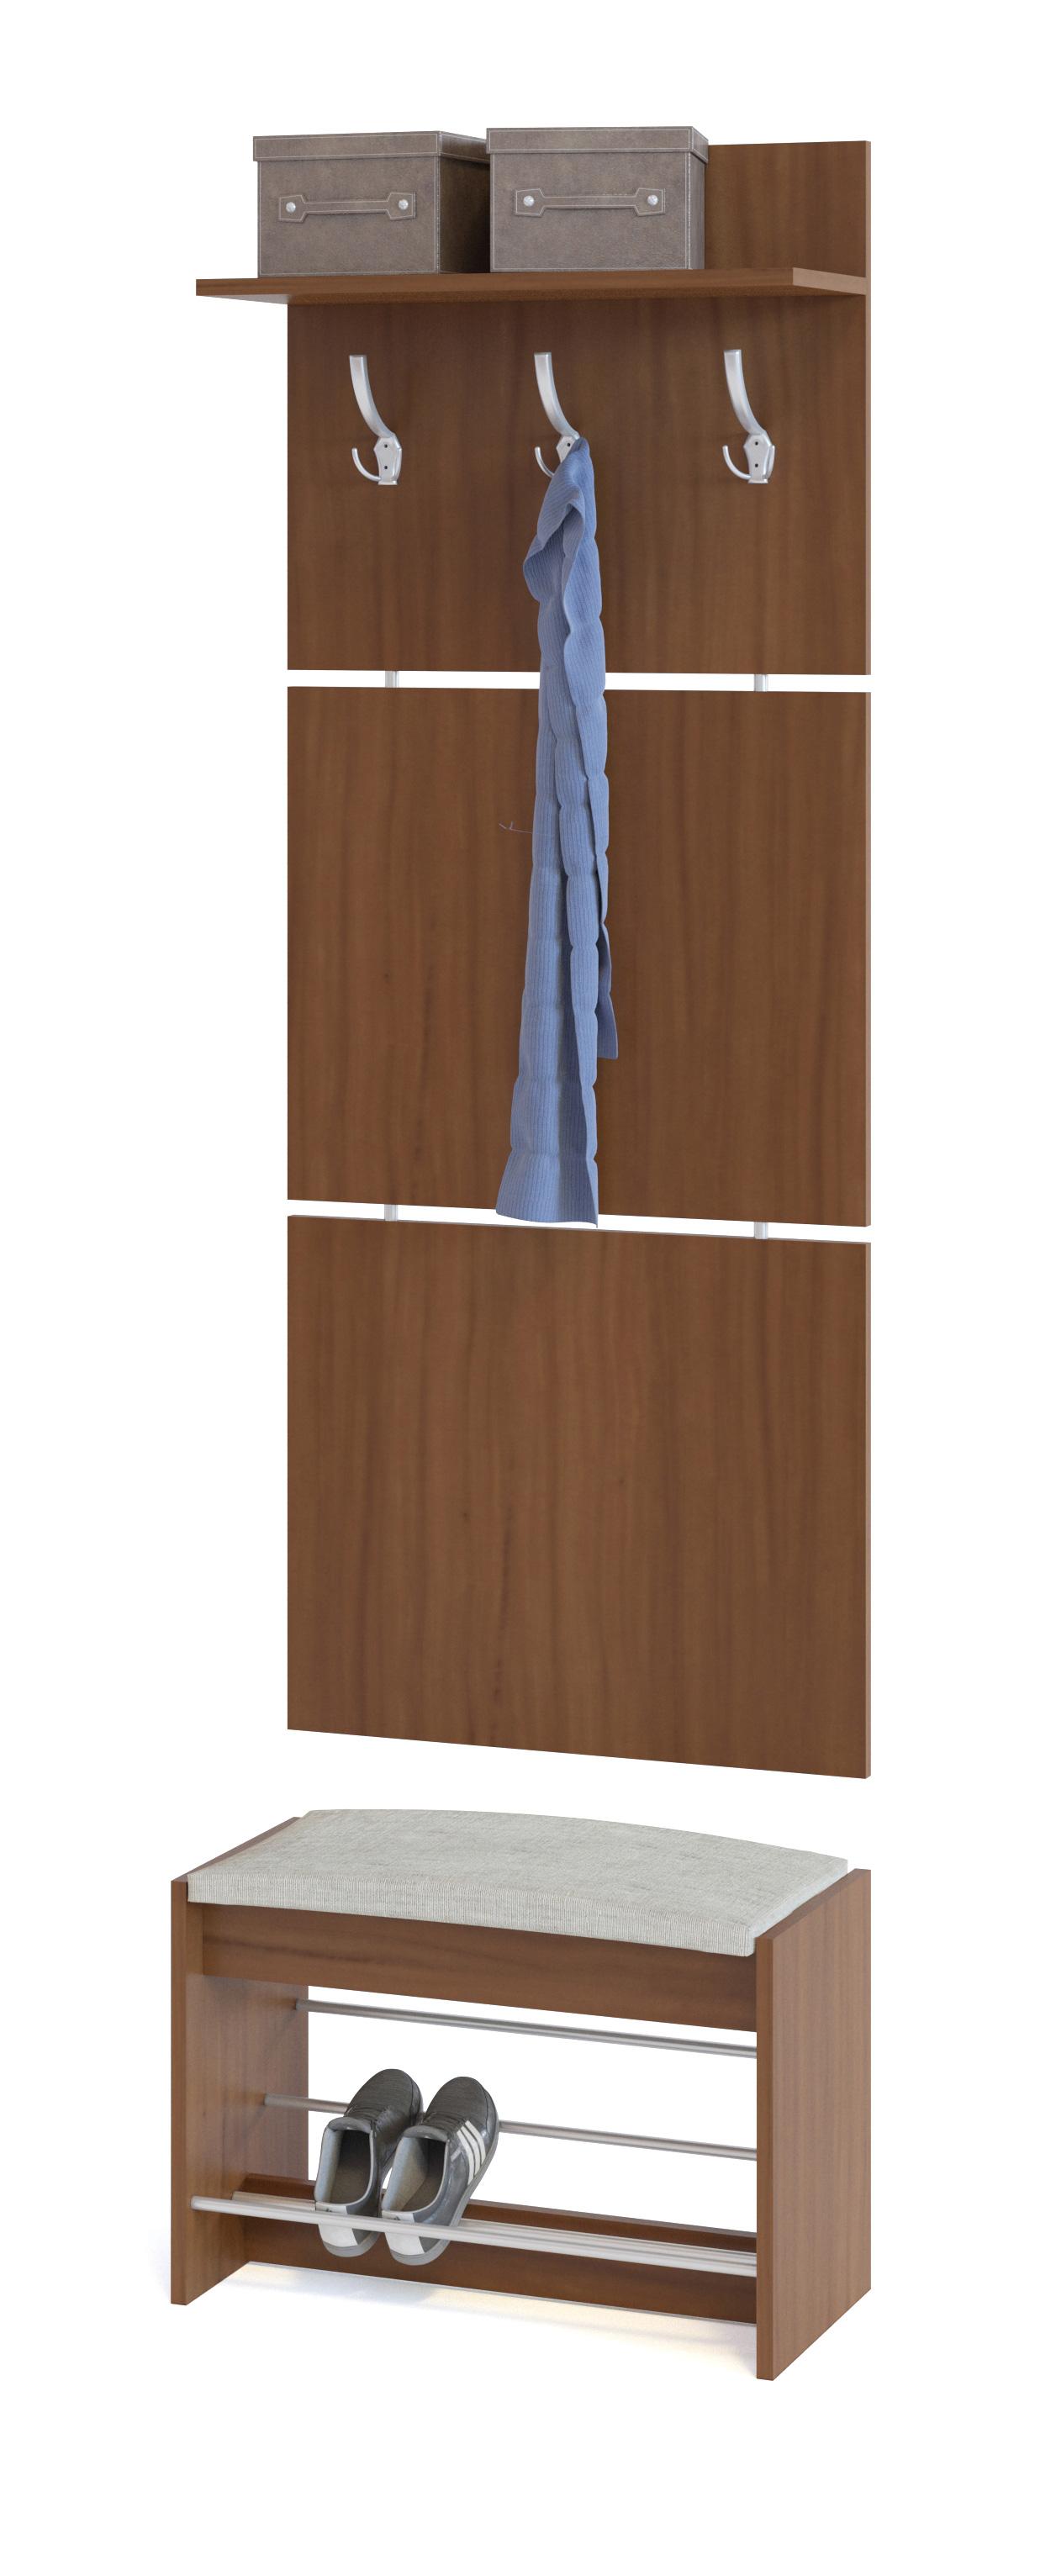 Прихожая Сокол ВШ-5.1+ТП-5 Ноче-эккоПрихожие в коридор<br>Габаритные размеры ВхШхГ 1898x600x281 мм. Настенная вешалка с обувницей — удобный вариант для маленькой прихожей.  Модель позволит разместить сезонную одежду всей семьи.  Вешалка состоит из 3-х панелей соединенных металлическими вставками.  Полка, закрепленная над крючками для одежды, предназначена специально для головных уборов и зонтов.  Максимальная нагрузка на полку составляет 5 кг. Обувница имеет мягкое сидением, на котором удобно будет переобуваться.  Открытые полочки позволяют разместить до четырех пар обуви.  Максимальная нагрузка на обувницу — 120 кг. Модули изготавливаются из ЛДСП 16 мм, края обработаны кромкой ПВХ 0,4 мм.  Наполнение мягкого элемента на обувнице — ППУ, обивка — ткань рогожка.  Рекомендуем сохранить инструкцию по сборке (паспорт изделия) до истечения гарантийного срока.<br><br>Цвет: Ноче-экко<br>Цвет: Коричневое дерево<br>Высота мм: 1898<br>Ширина мм: 600<br>Глубина мм: 281<br>Кол-во упаковок: 2<br>Форма поставки: В разобранном виде<br>Срок гарантии: 2 года<br>Тип: Прямые<br>Характеристика: Модульные<br>Материал: из ЛДСП<br>Размер: Маленькие, Узкие, Глубиной до 30 см, Глубиной до 35 см<br>Особенности: С сиденьем, С открытой вешалкой, С обувницей, Без шкафа